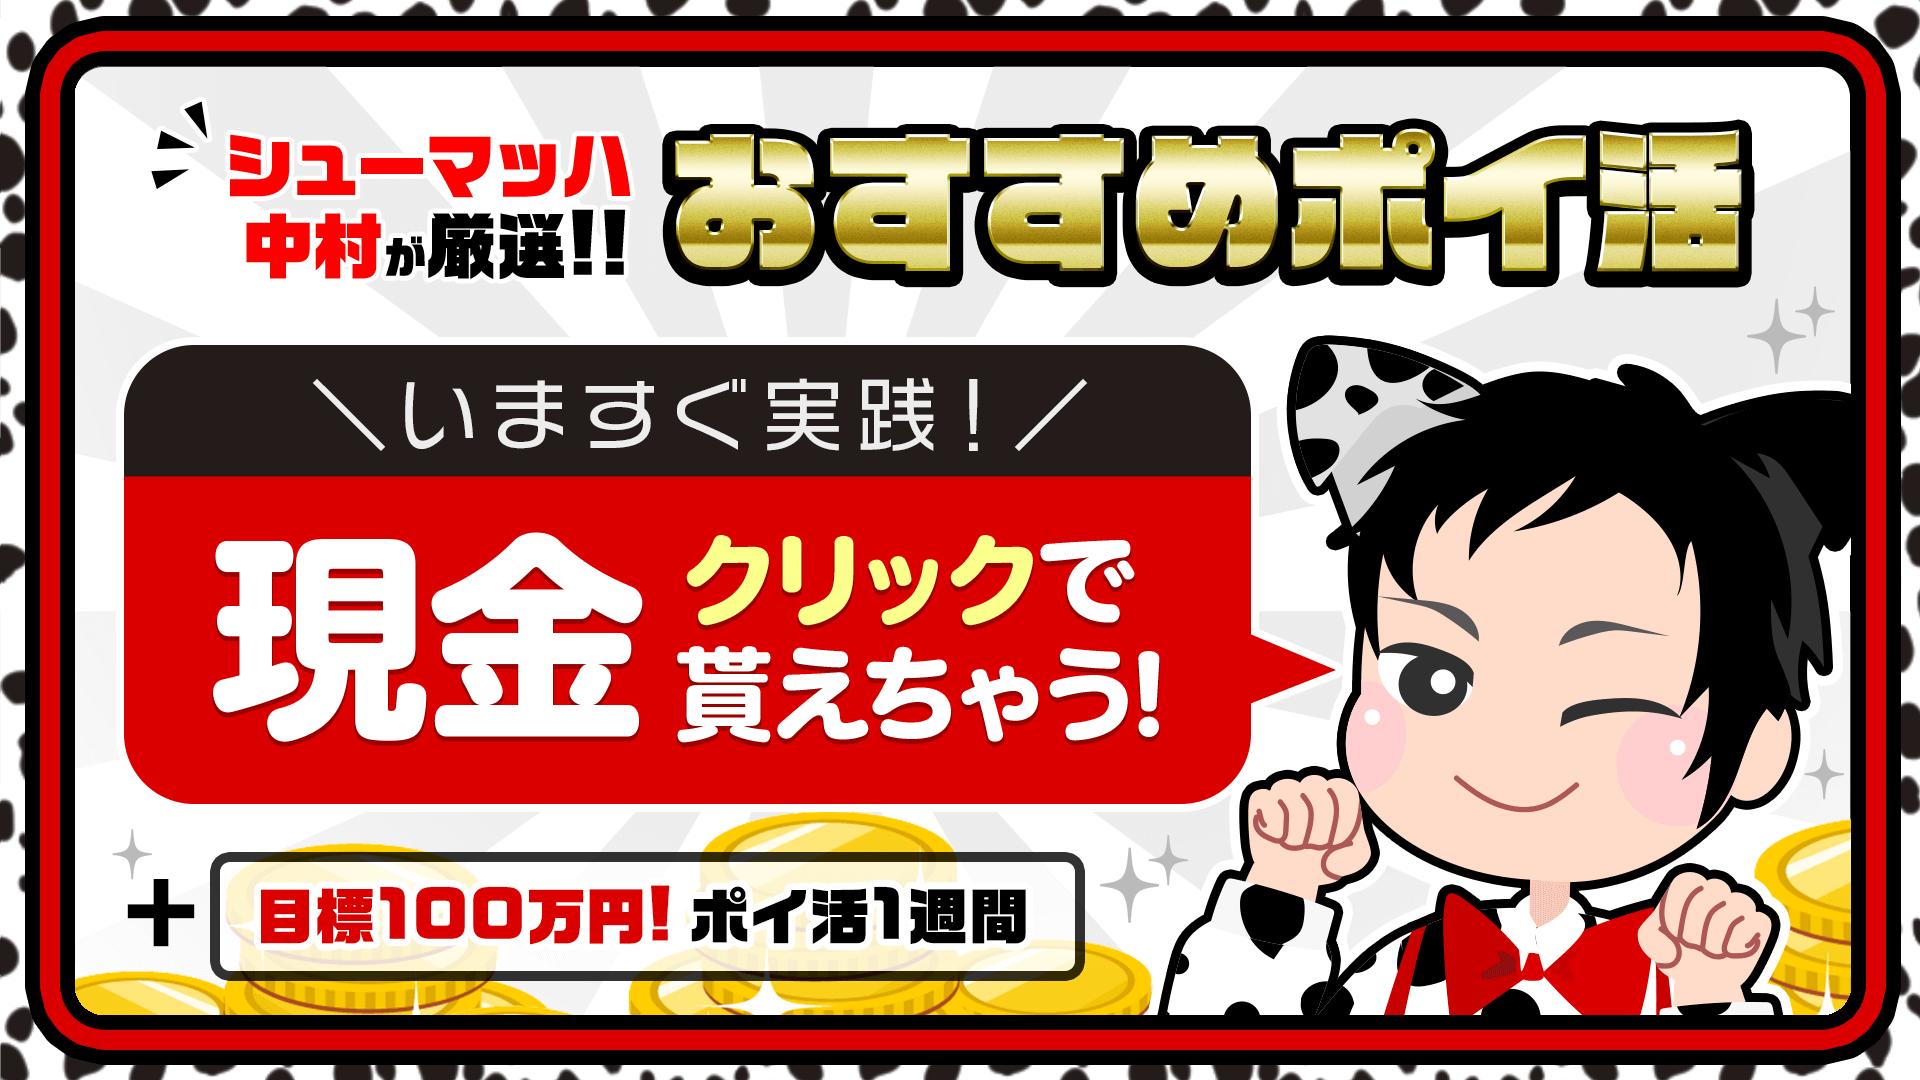 シューマッハ中村の今週のおすすめポイ活!!クリックだけで現金GET!!